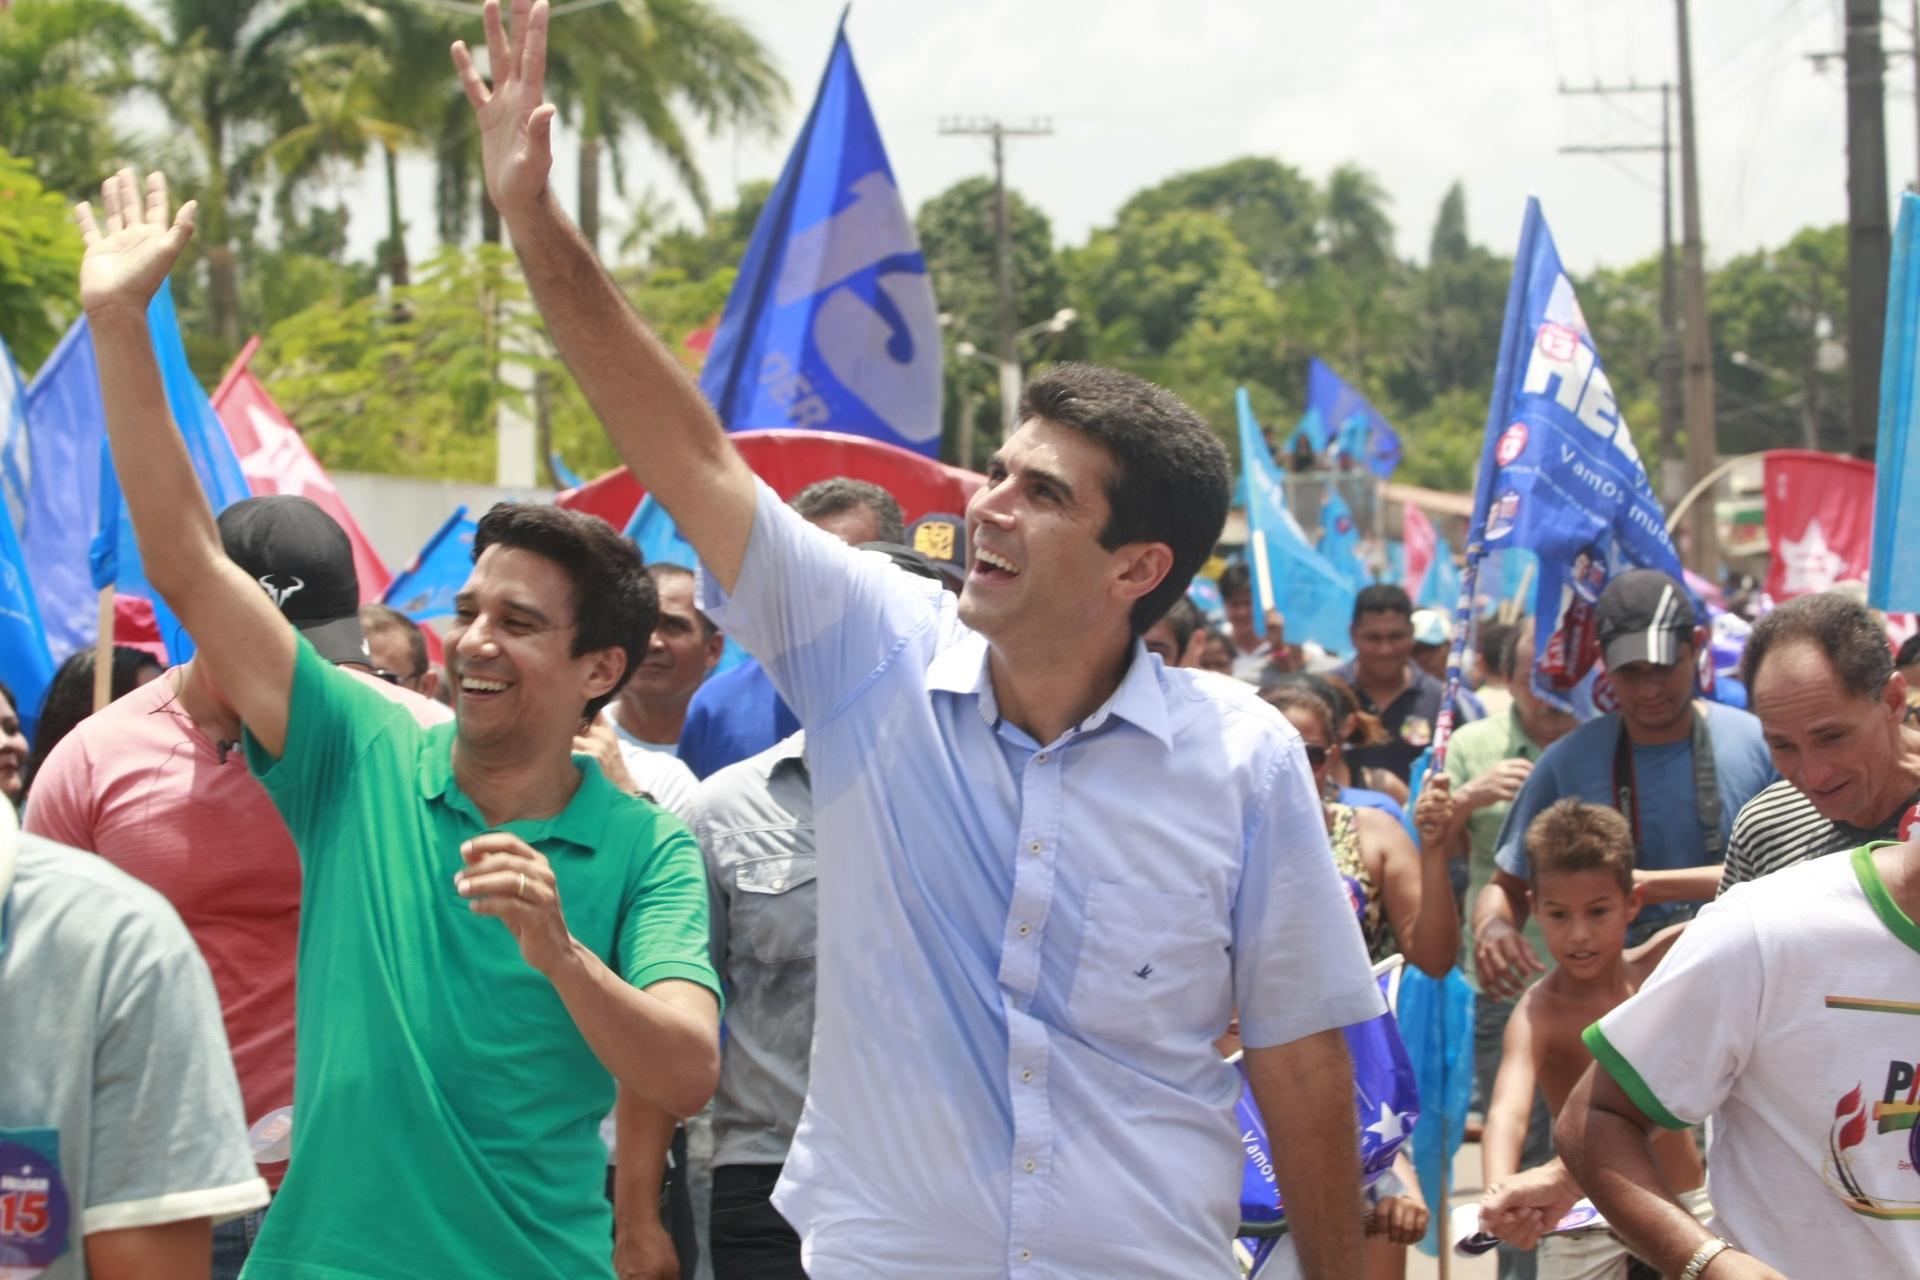 25.out.2014 - O candidato ao governo do Pará pelo PMDB, Helder Barbalho, faz caminhada de campanha no município de Marituba